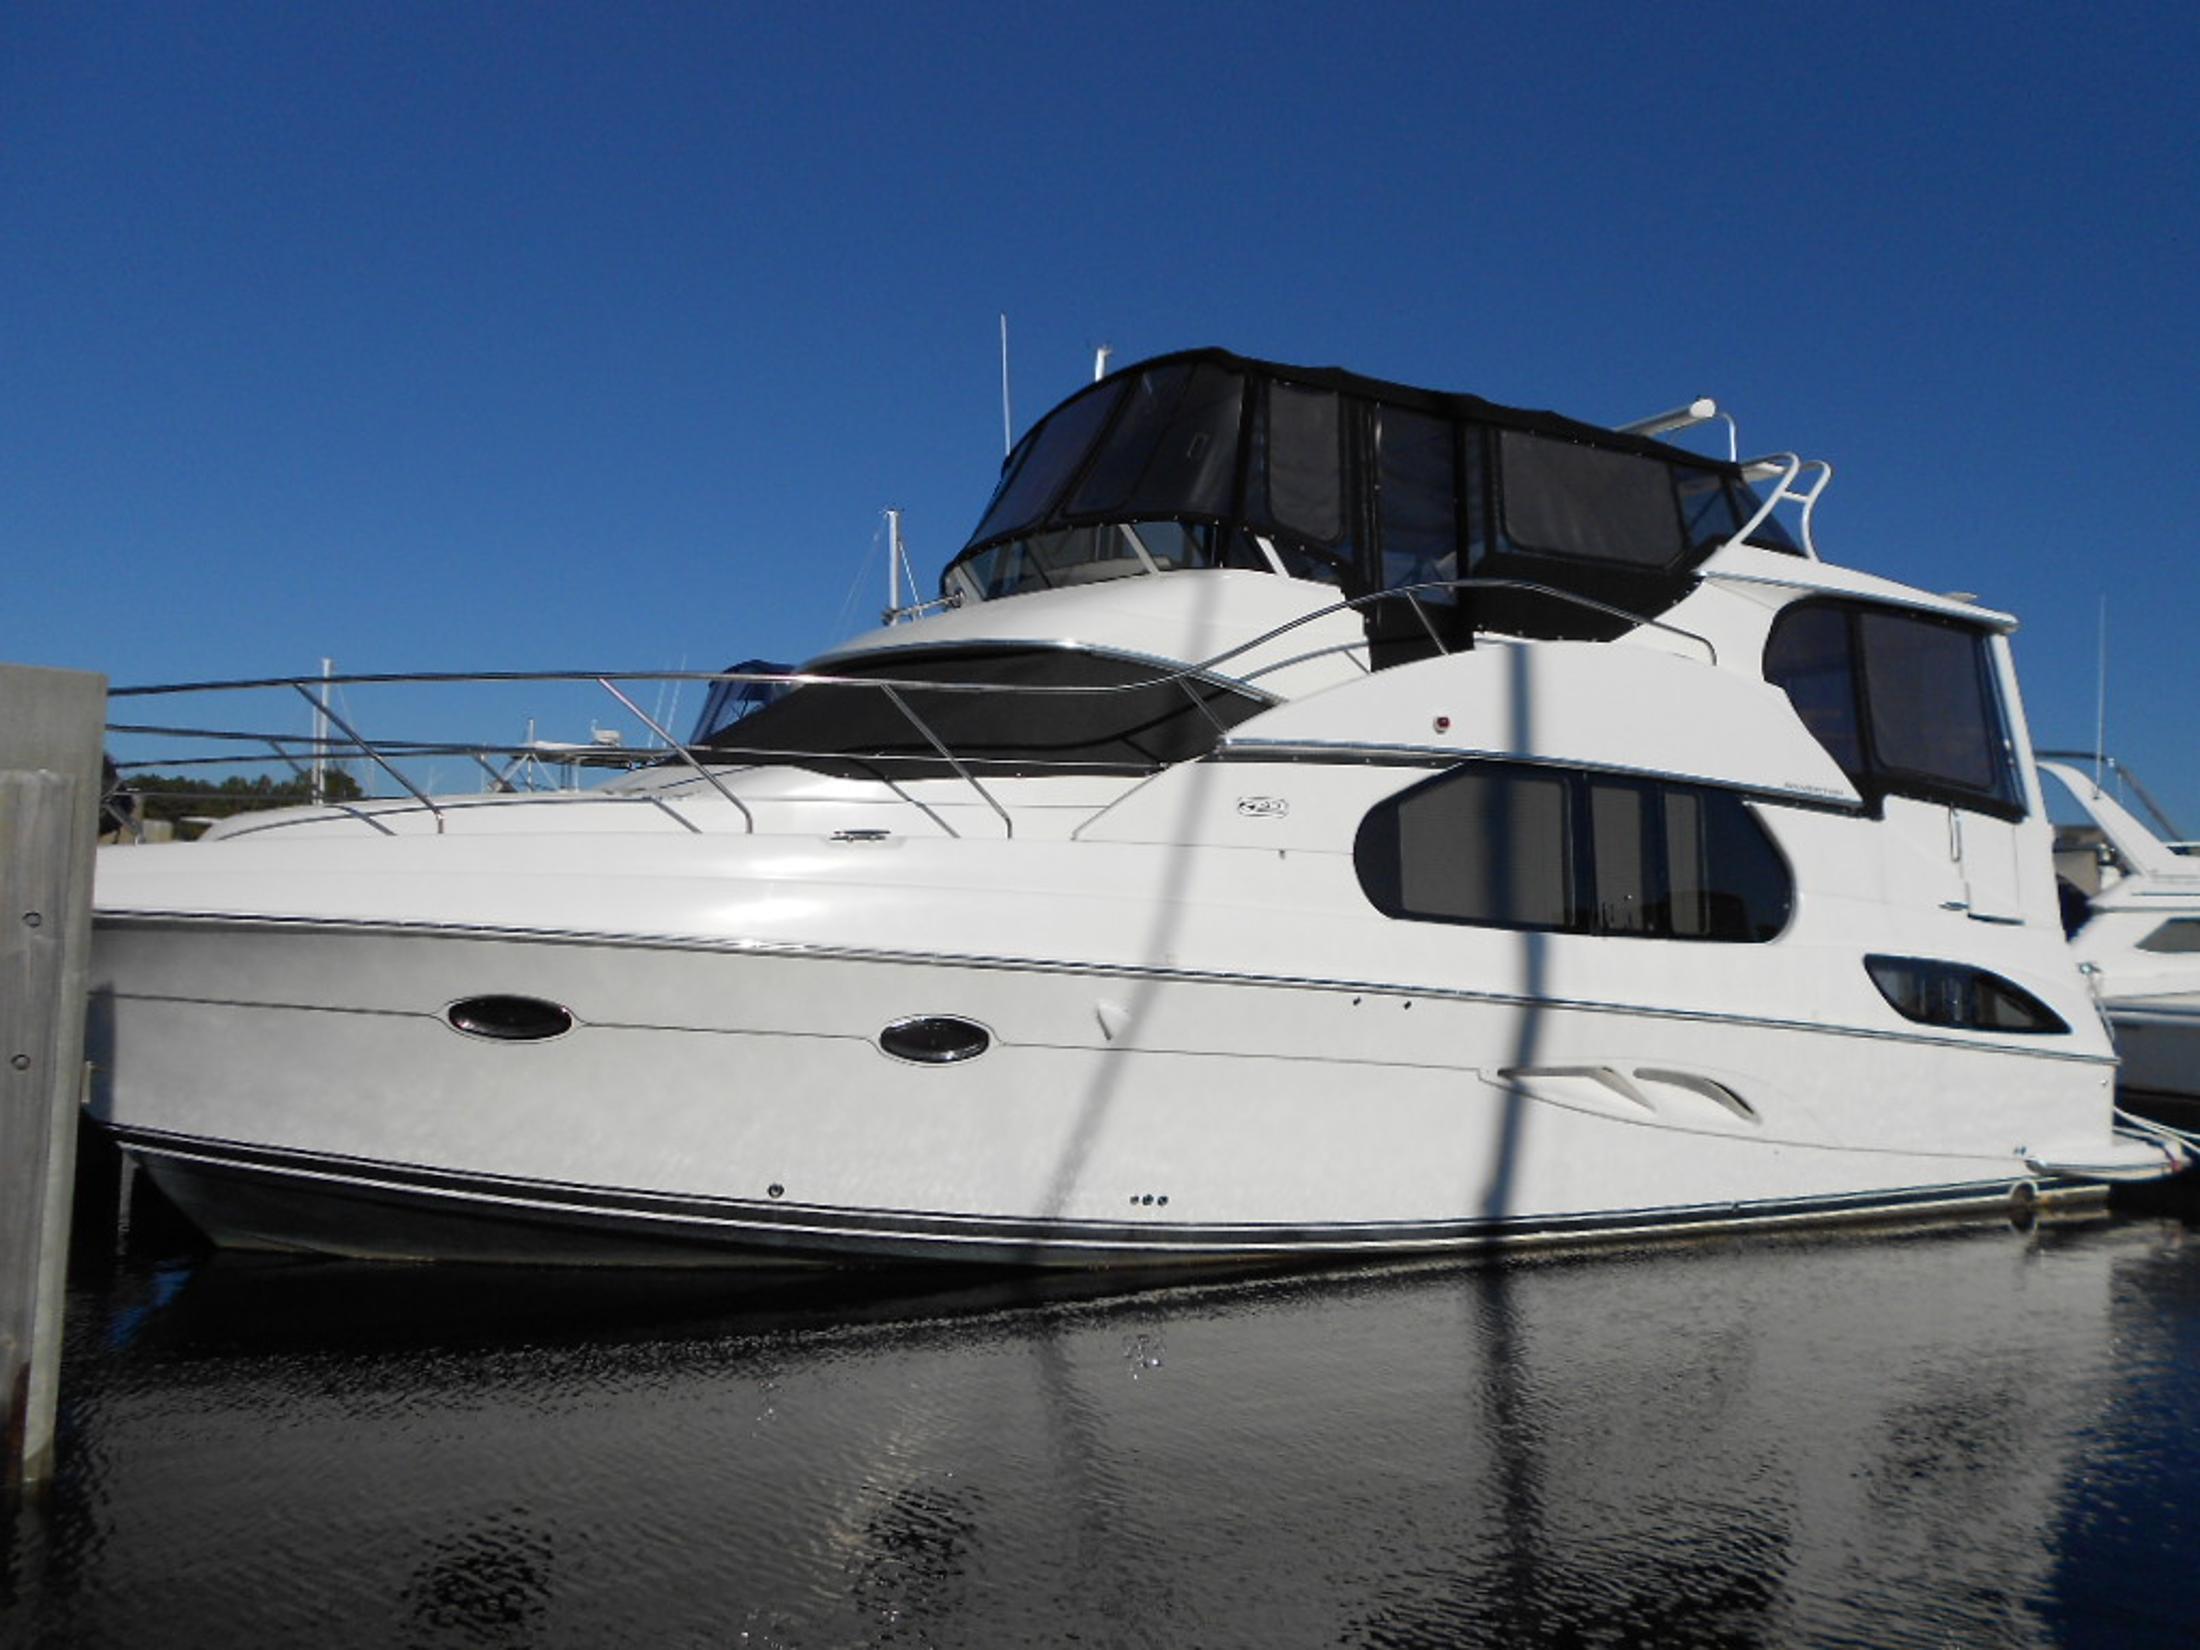 2003 Silverton Motor Yacht Power Boat For Sale Www